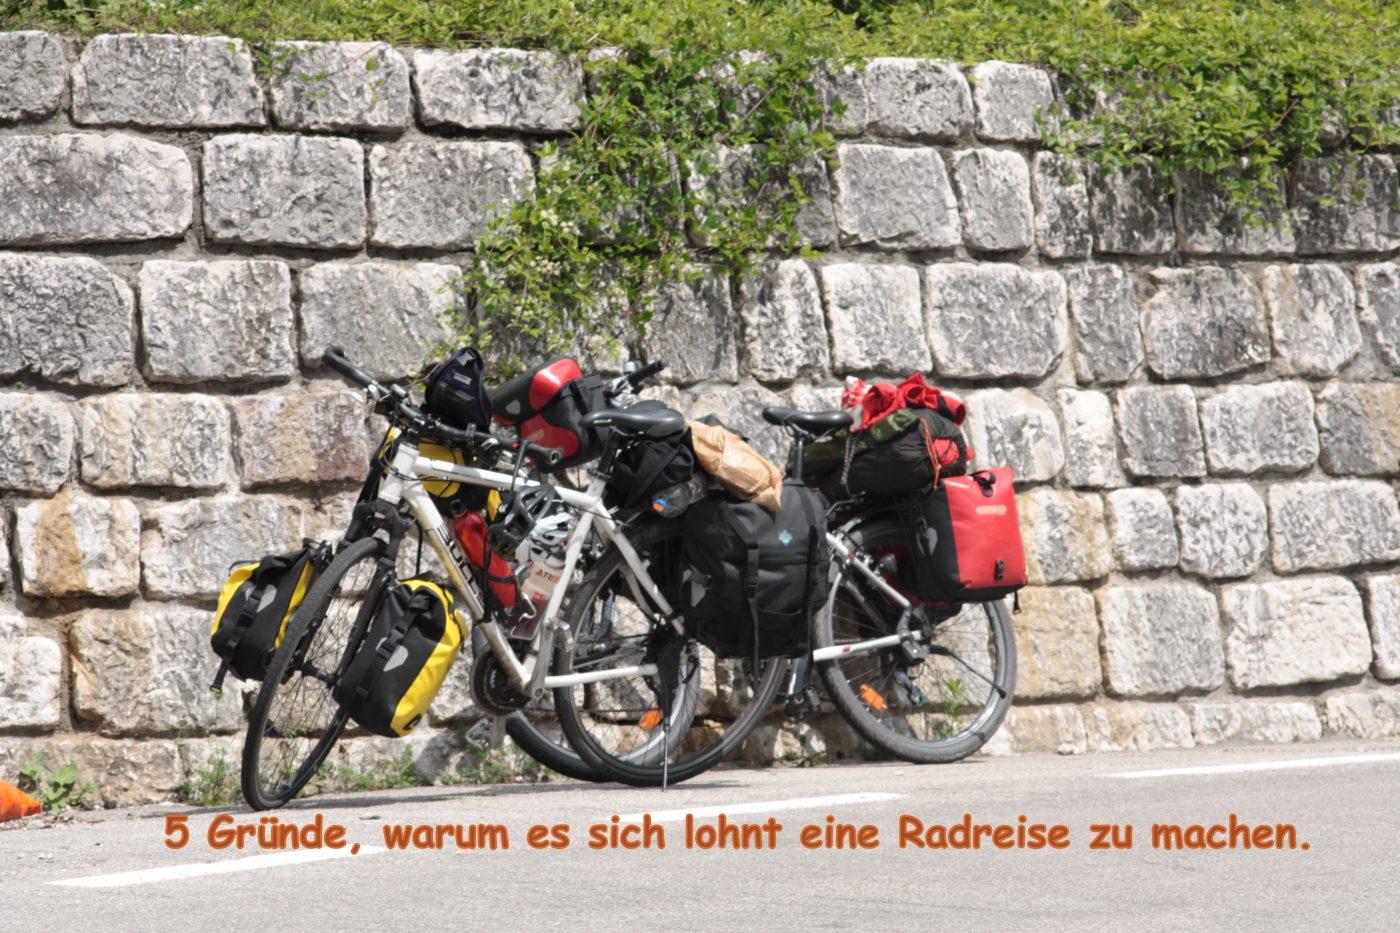 5 Gründe, warum du mal eine Radreise machen solltest 4